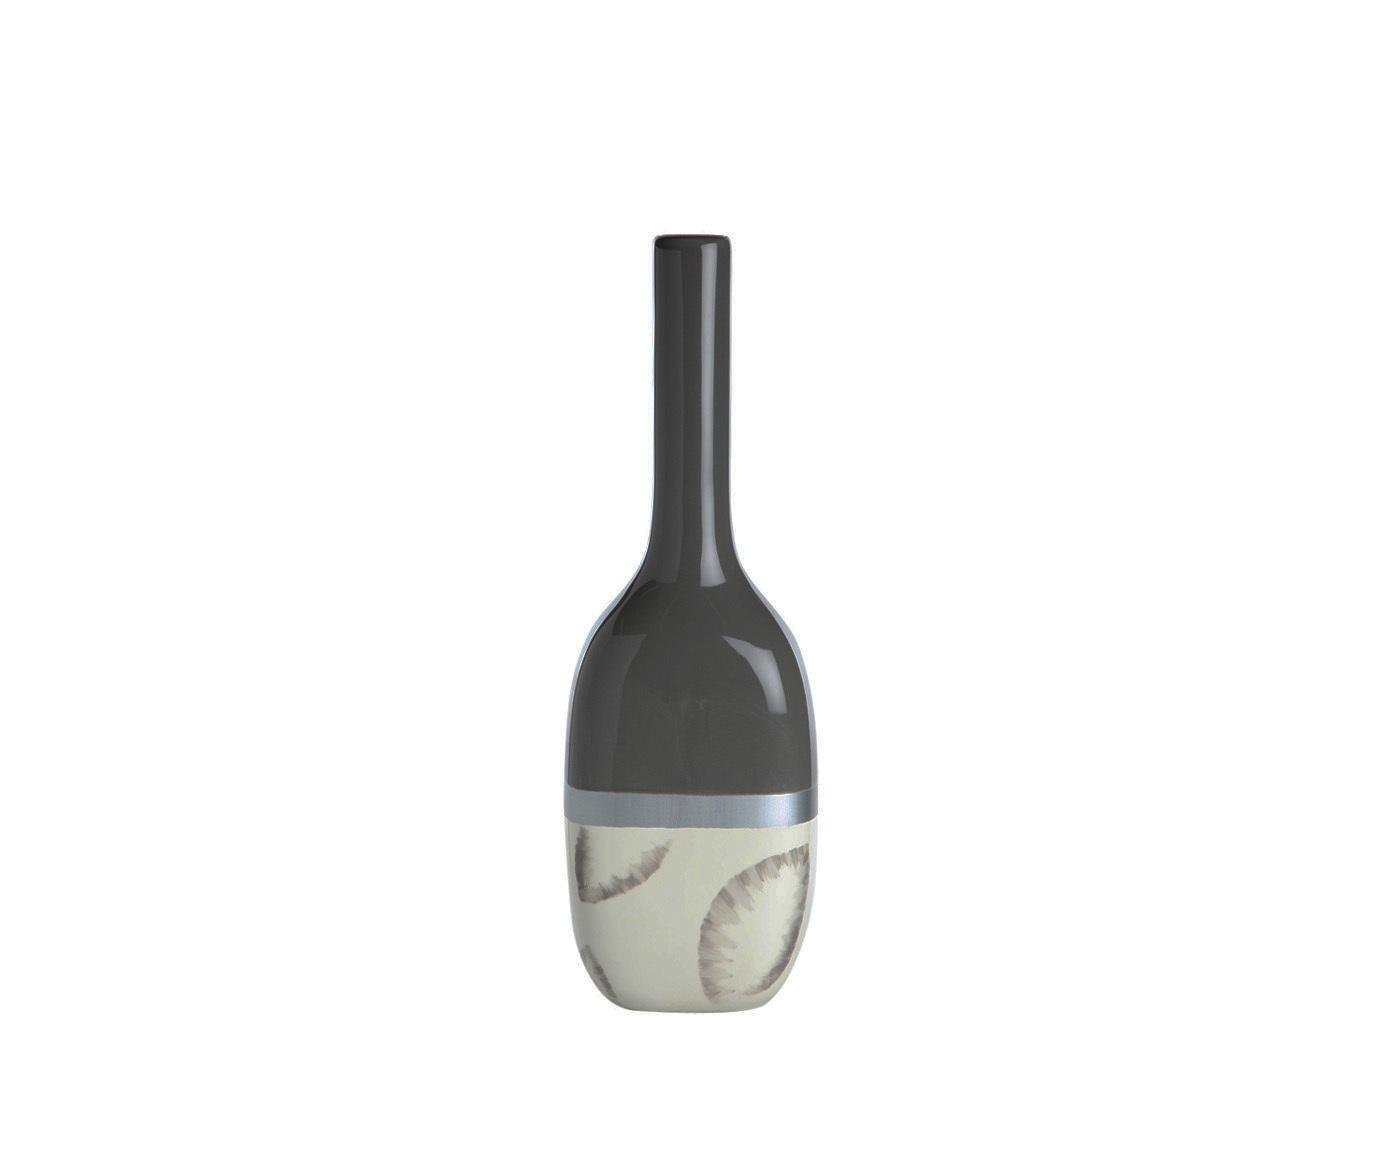 Вазы настольные Элитная ваза напольная декоративная Лиссабон малая от Sporvil vaza-dekorativnaya-napolnaya-malaya-lissabon-ot-sporvil-iz-portugalii.jpg